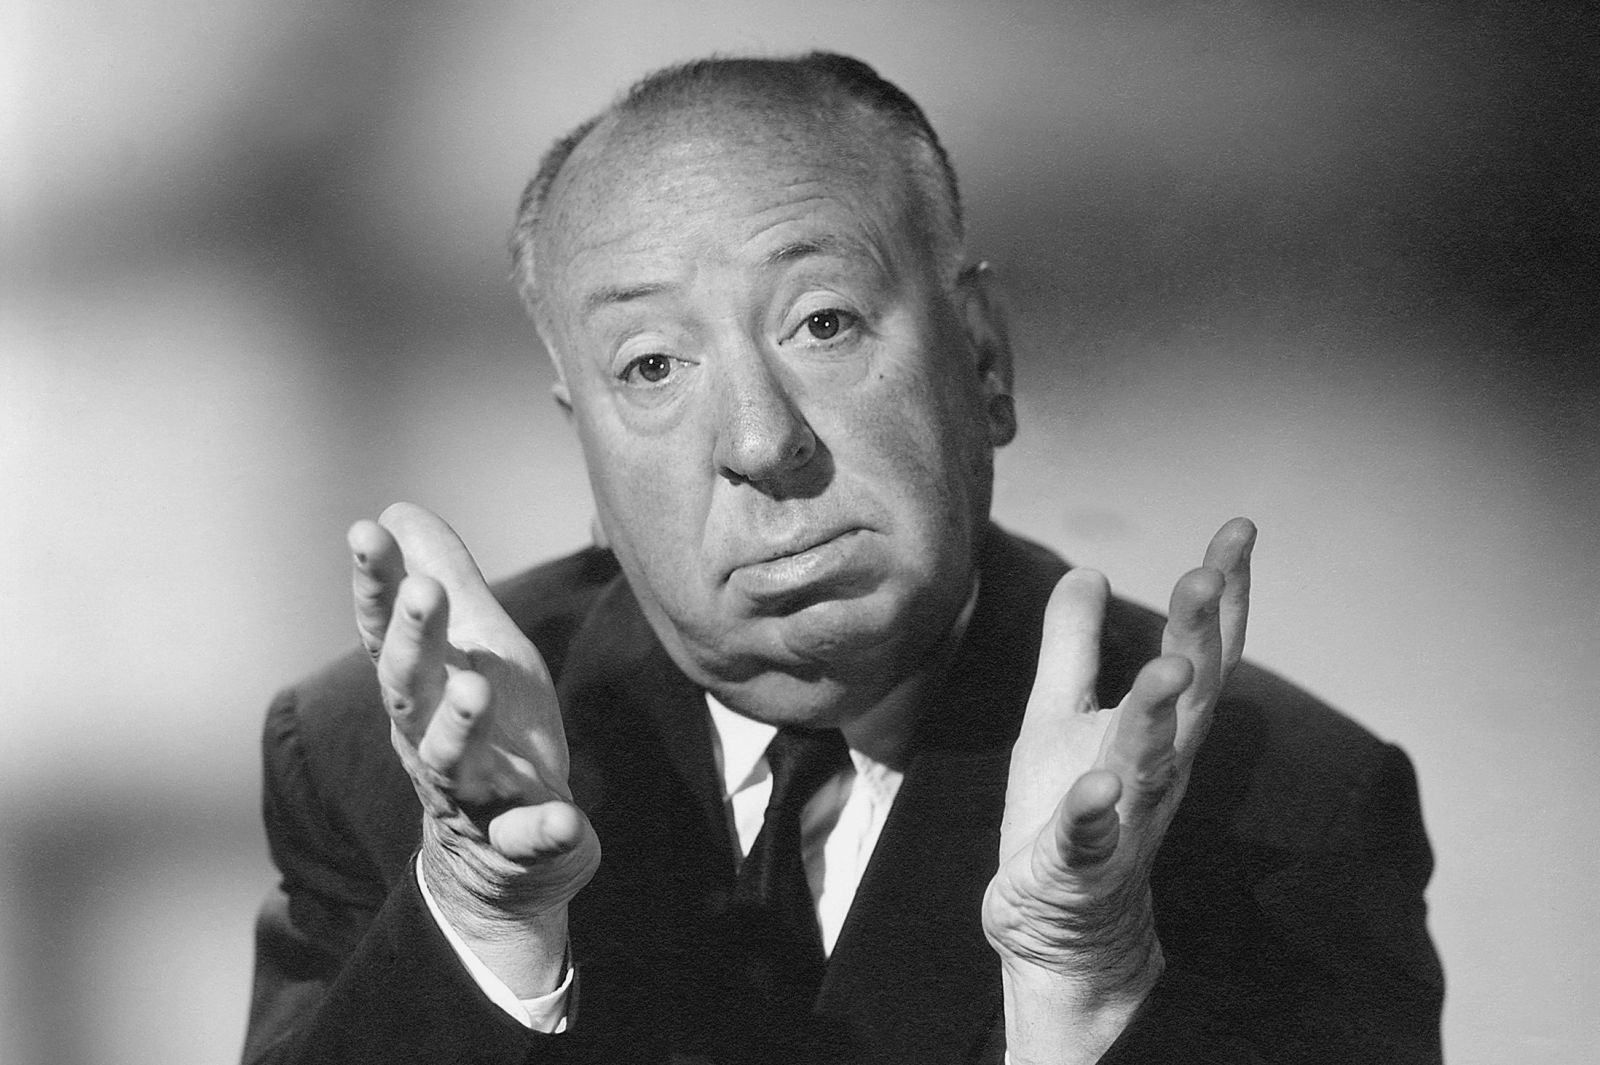 Un'immagine che ritrae Alfred Hitchcock